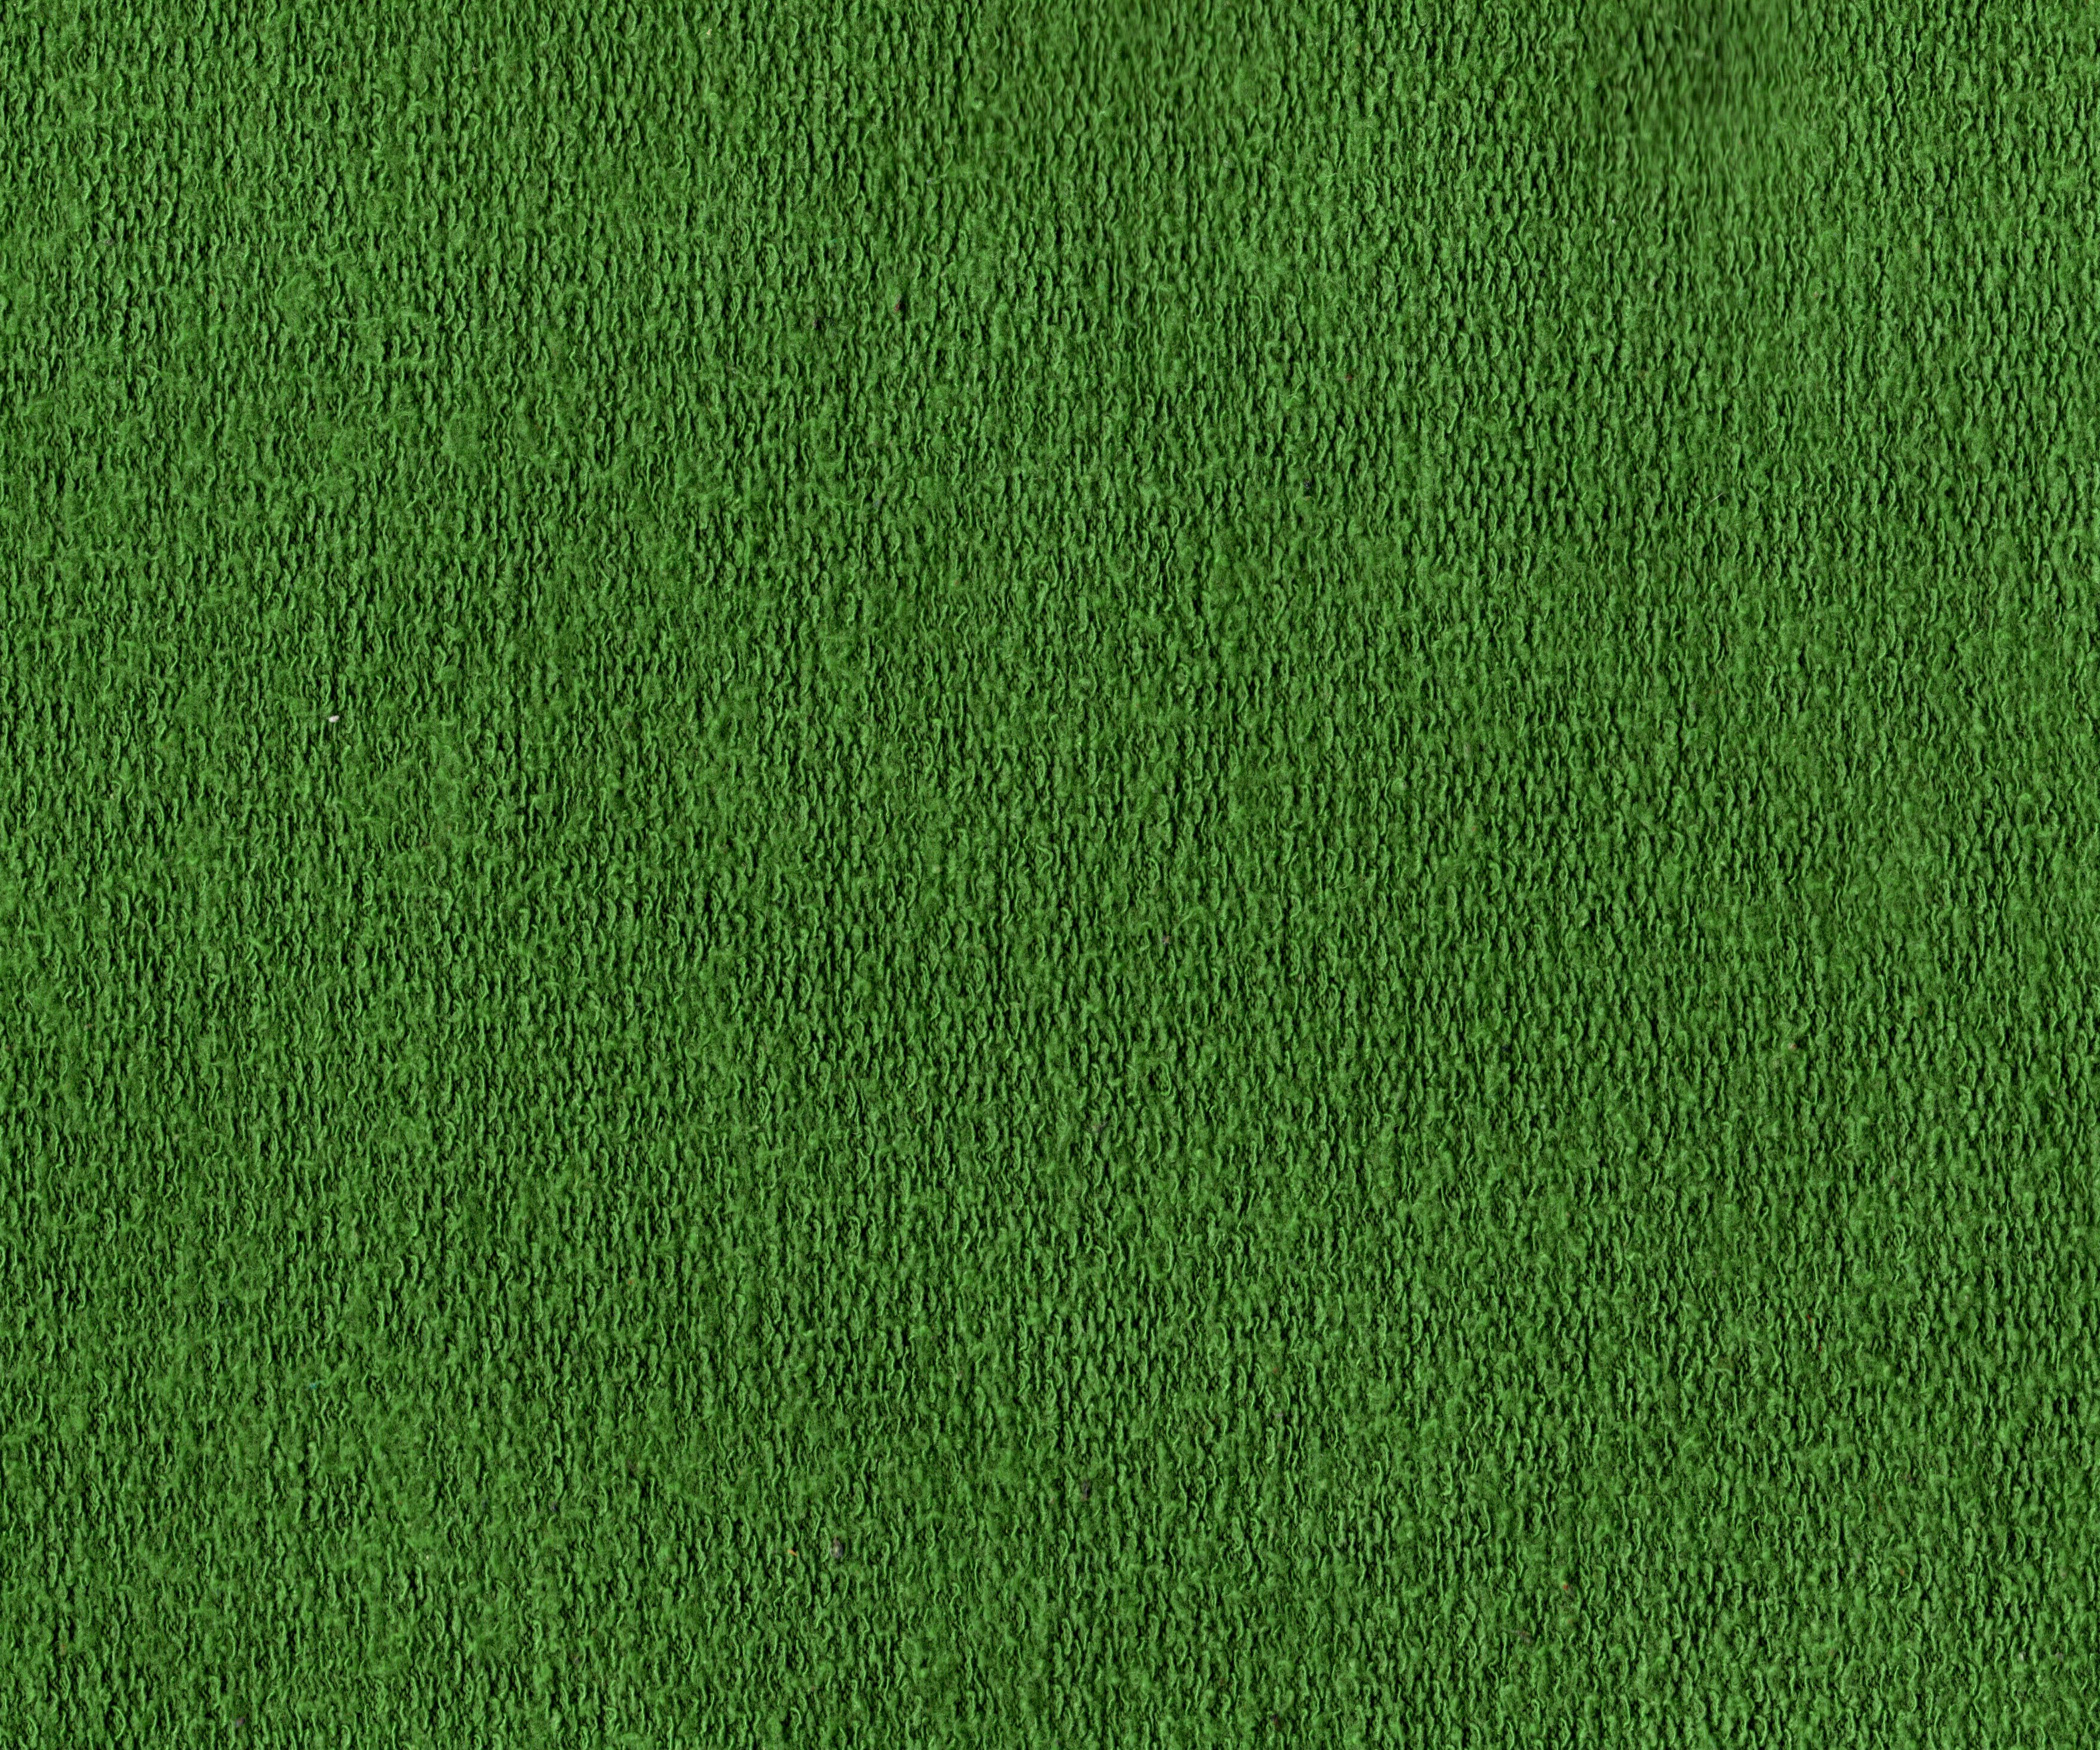 Green Fabric Texture (JPG) | OnlyGFX.com